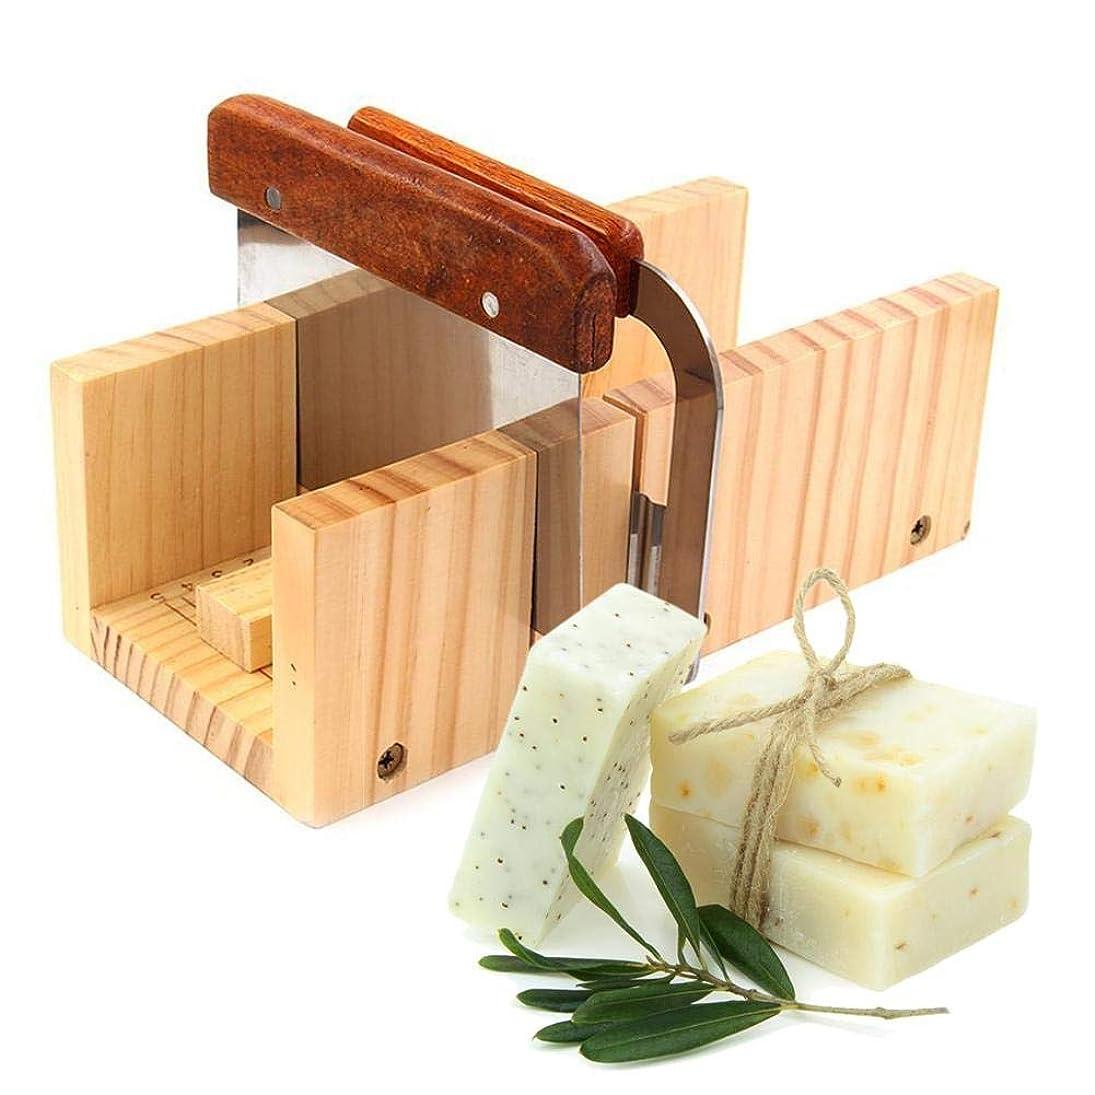 防ぐいちゃつく少しRagem ソープカッター 手作り石鹸金型 木製 ローフカッターボックス 調整可能 多機能ソープ切削工具 ストレートプレーニングツール